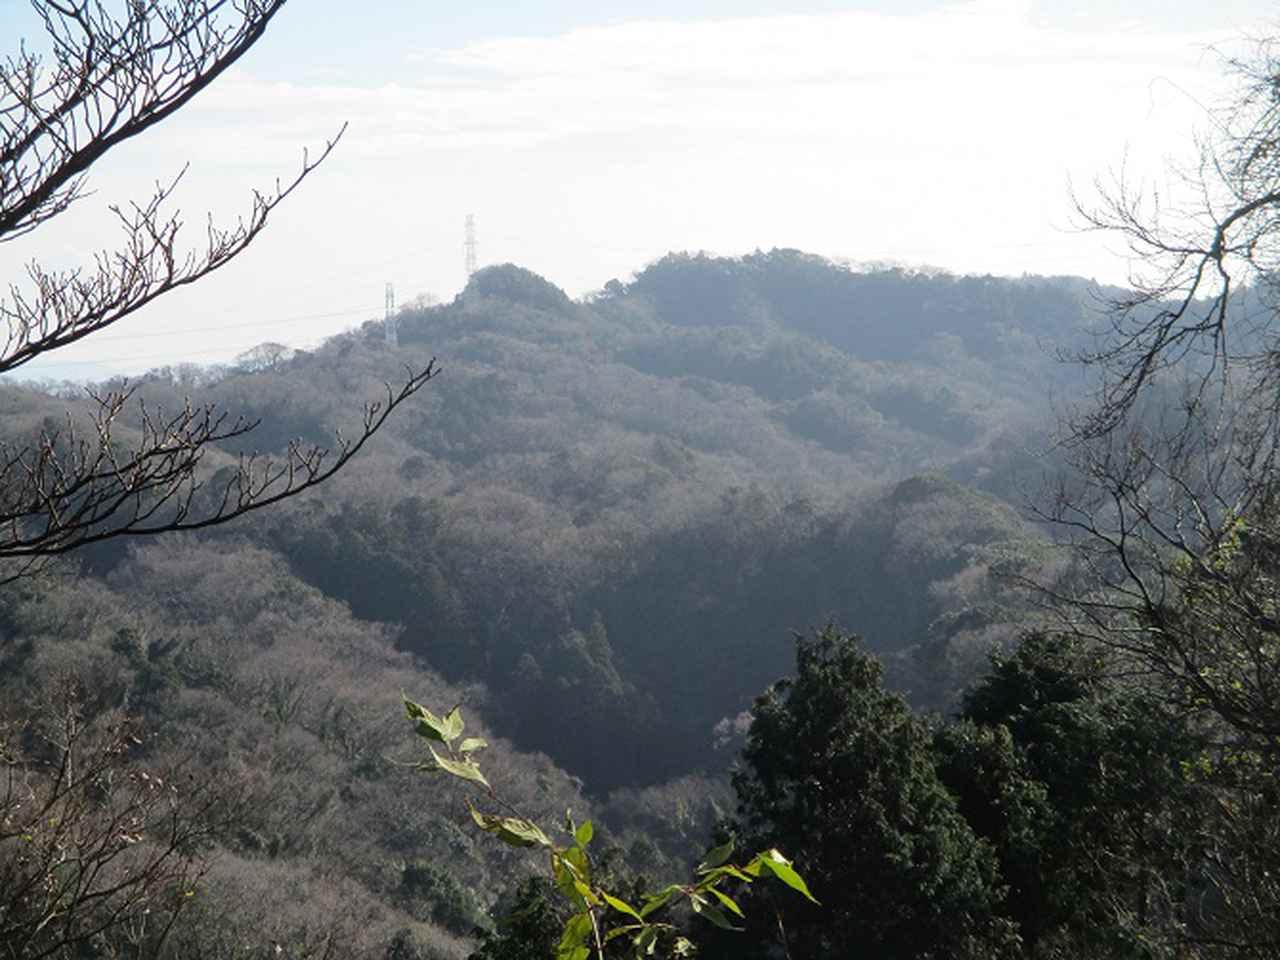 画像12: 1月の山旅会現地集合ツアー 「阿部倉山から二子山」 ツアーの下見に行ってきました!